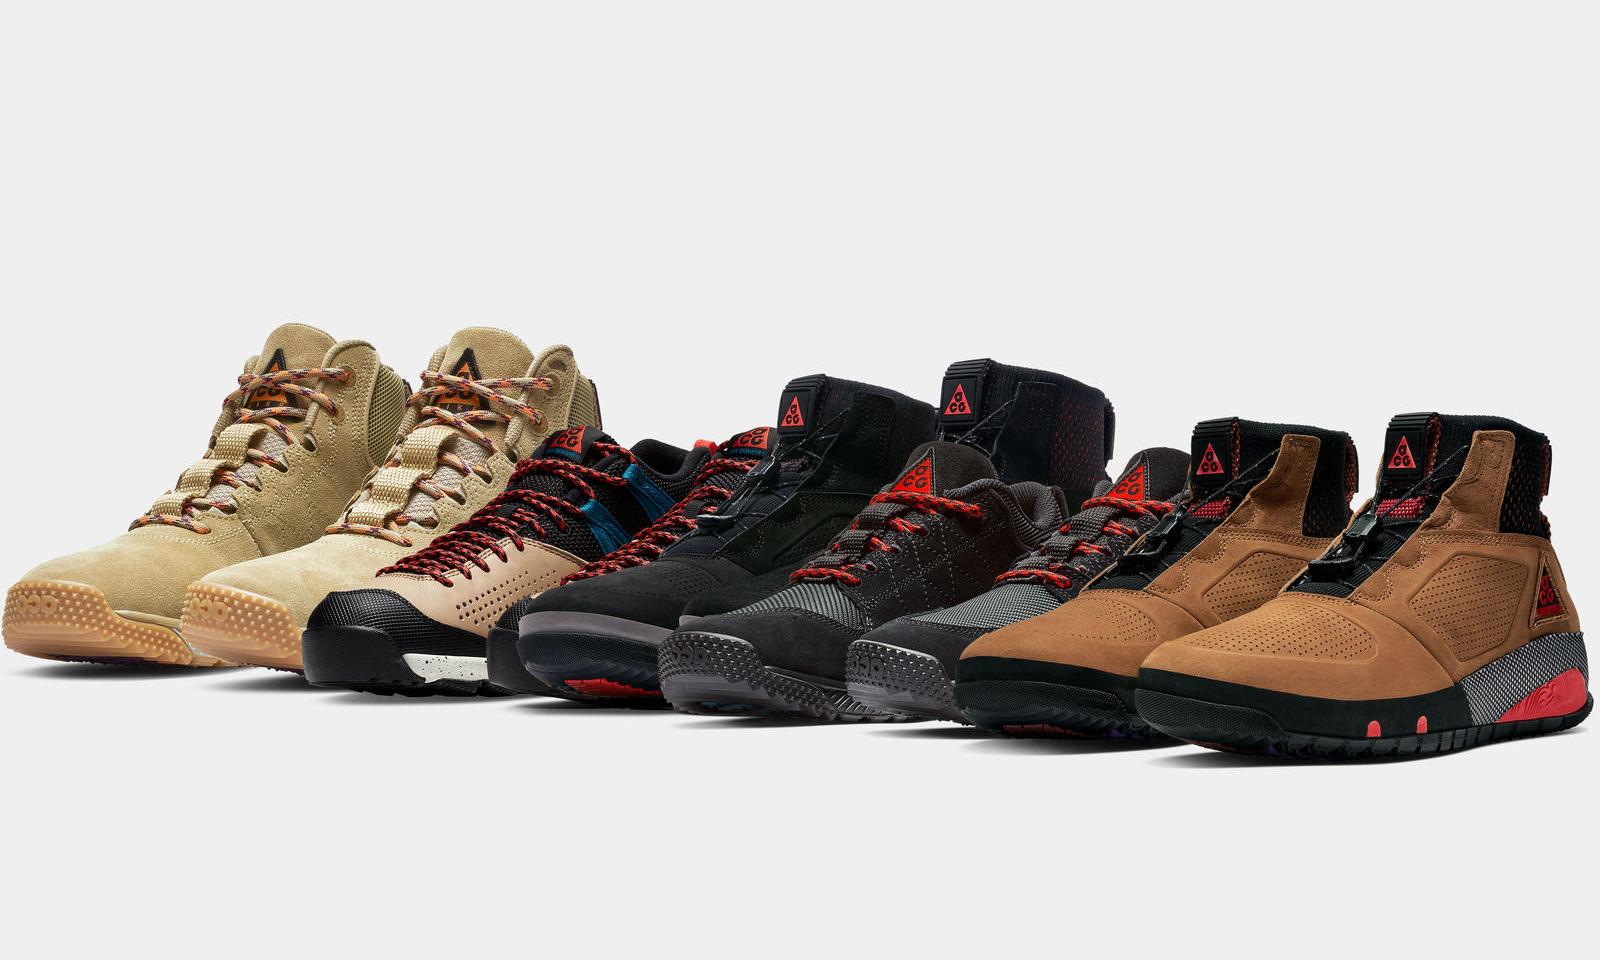 抢先预览 Nike ACG 2018 假日系列发售鞋款